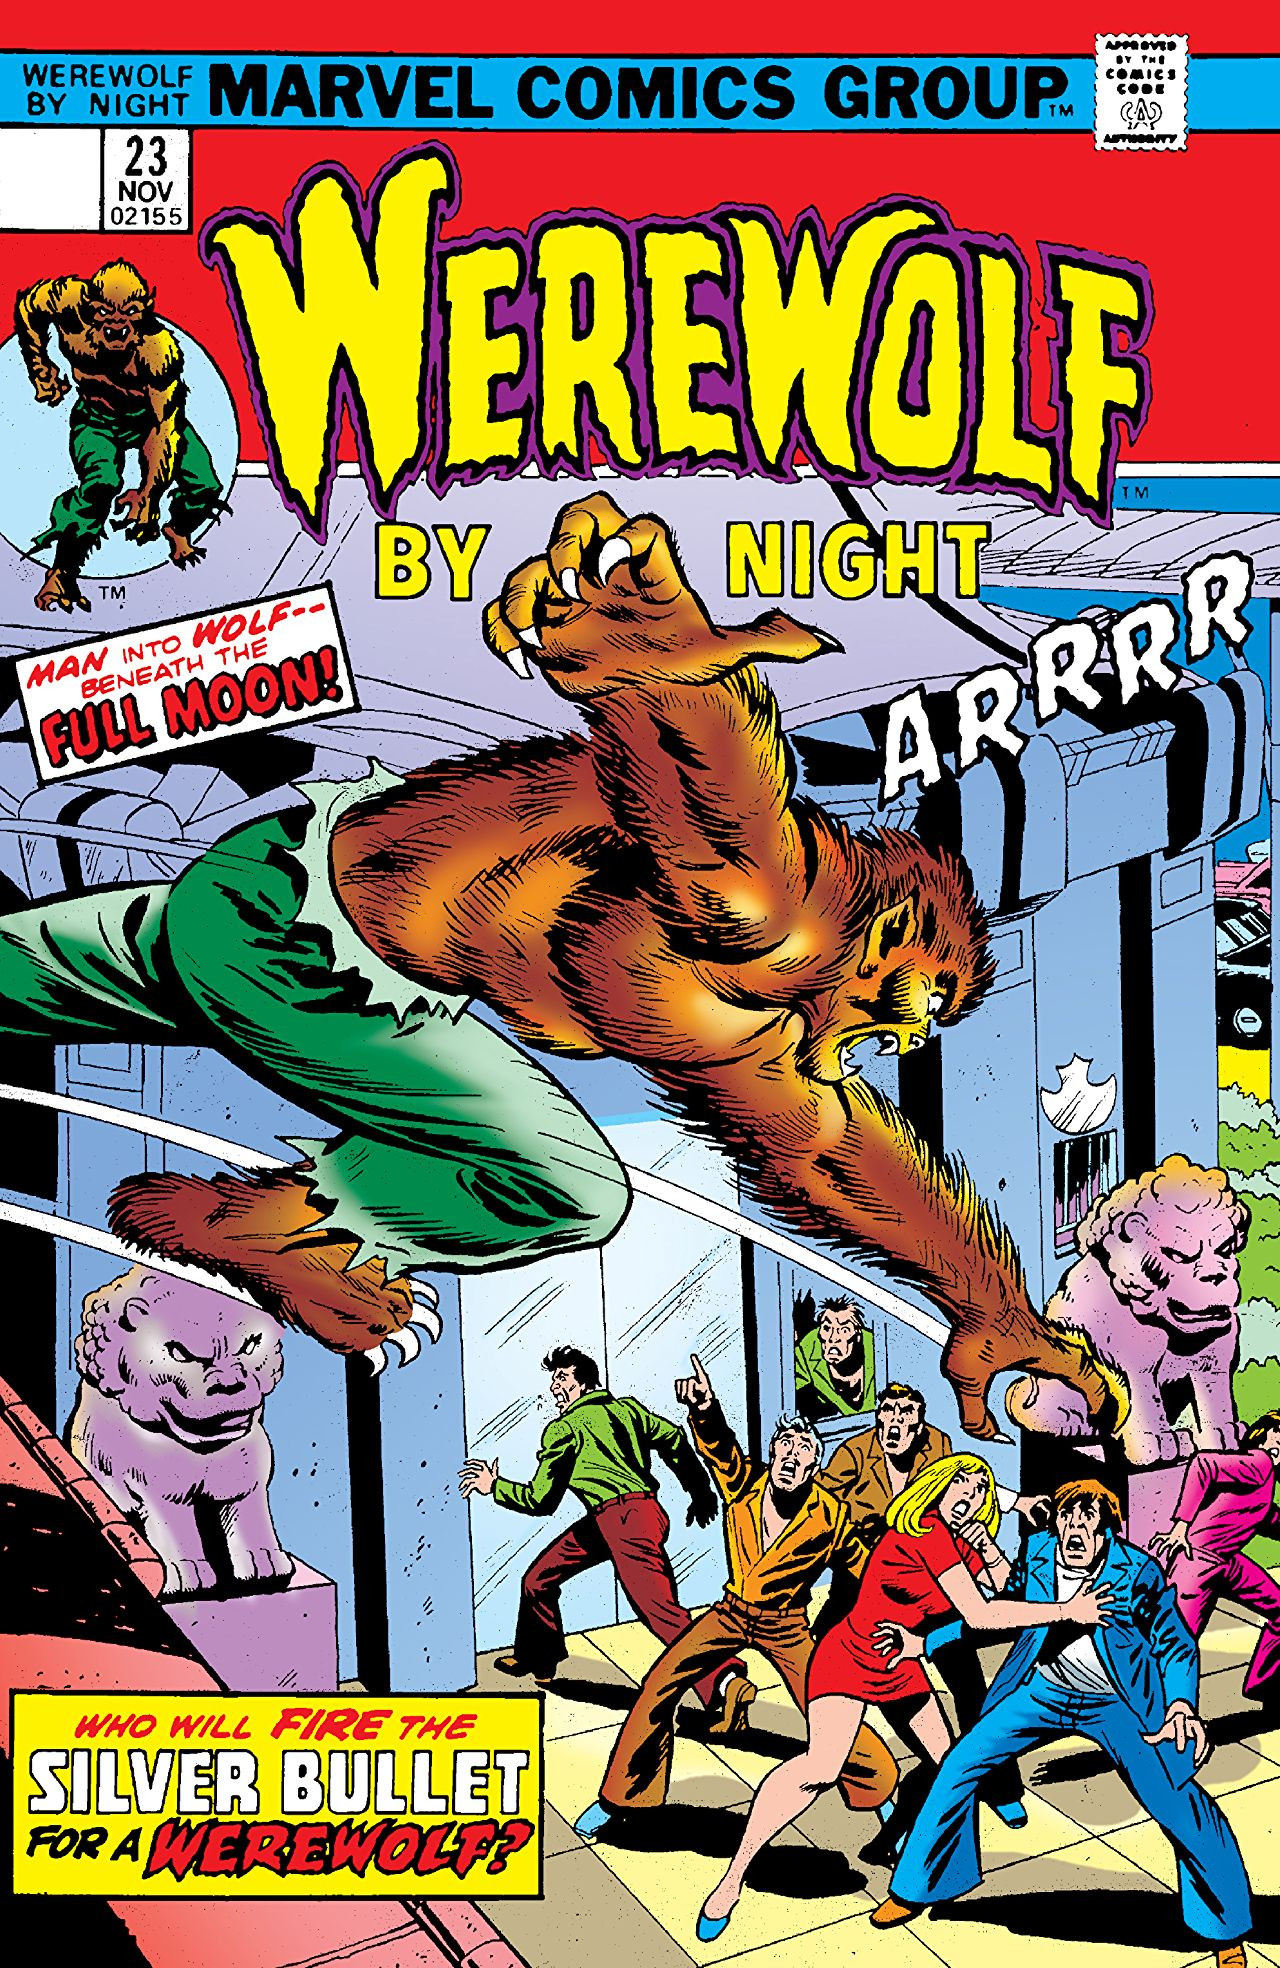 Werewolf by Night Vol 1 23